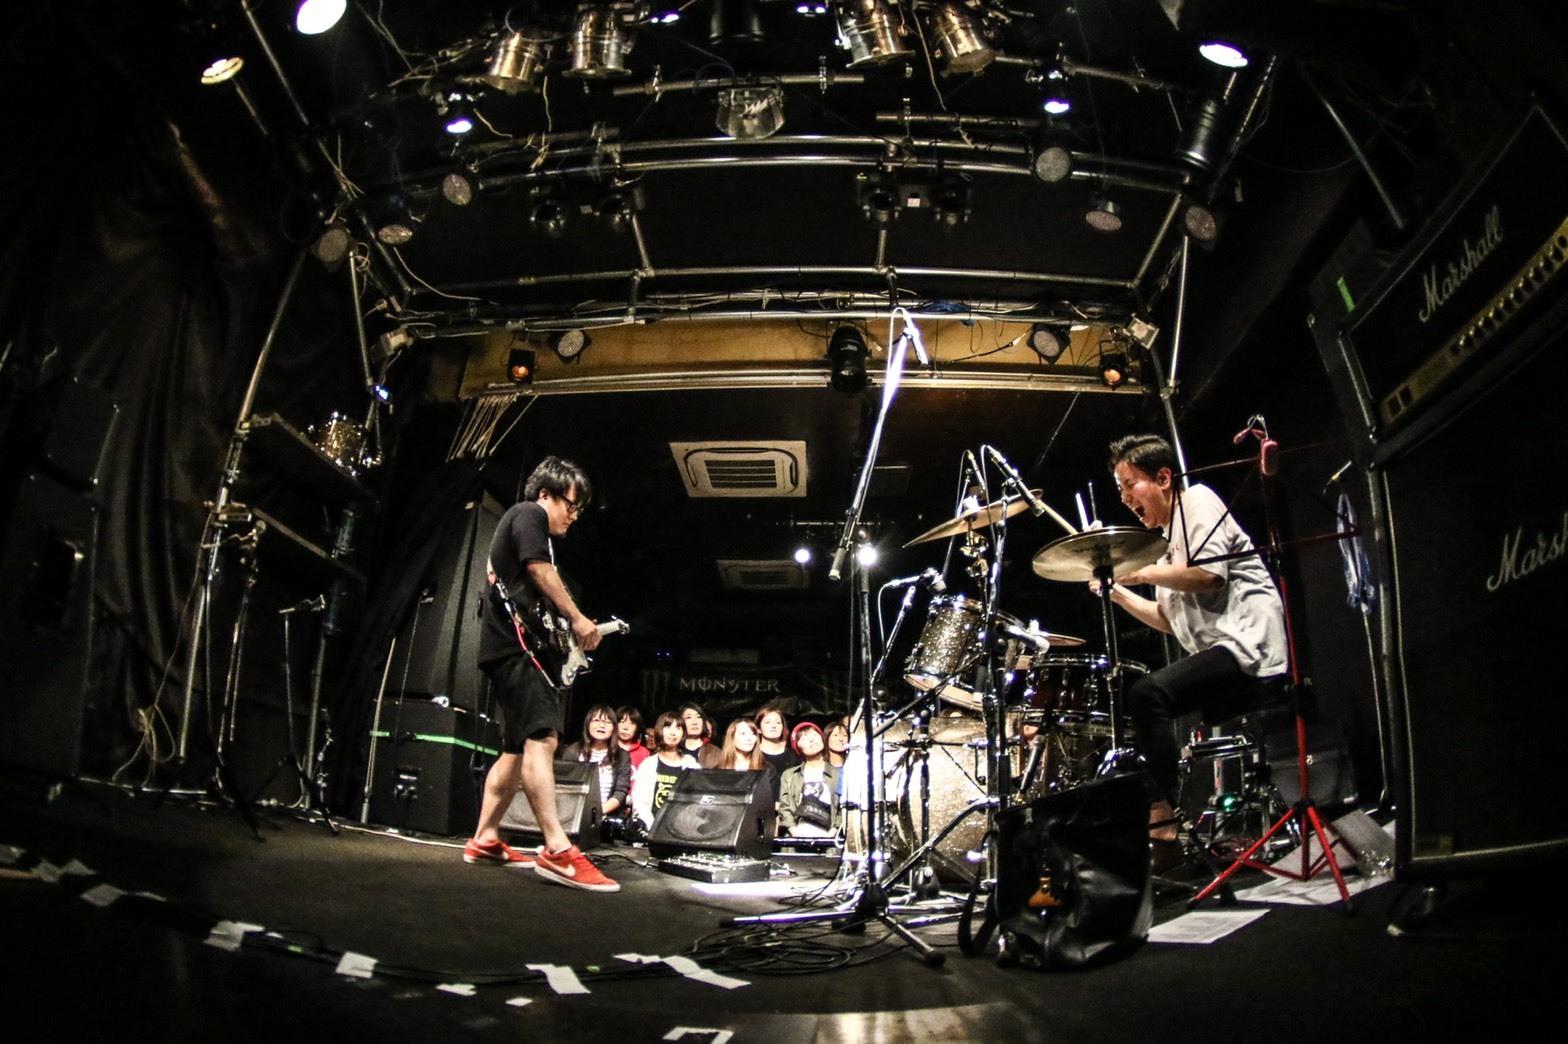 【PAM】4月20日札幌 Crazy Monkey 公演「無観客生配信」化プロジェクト!